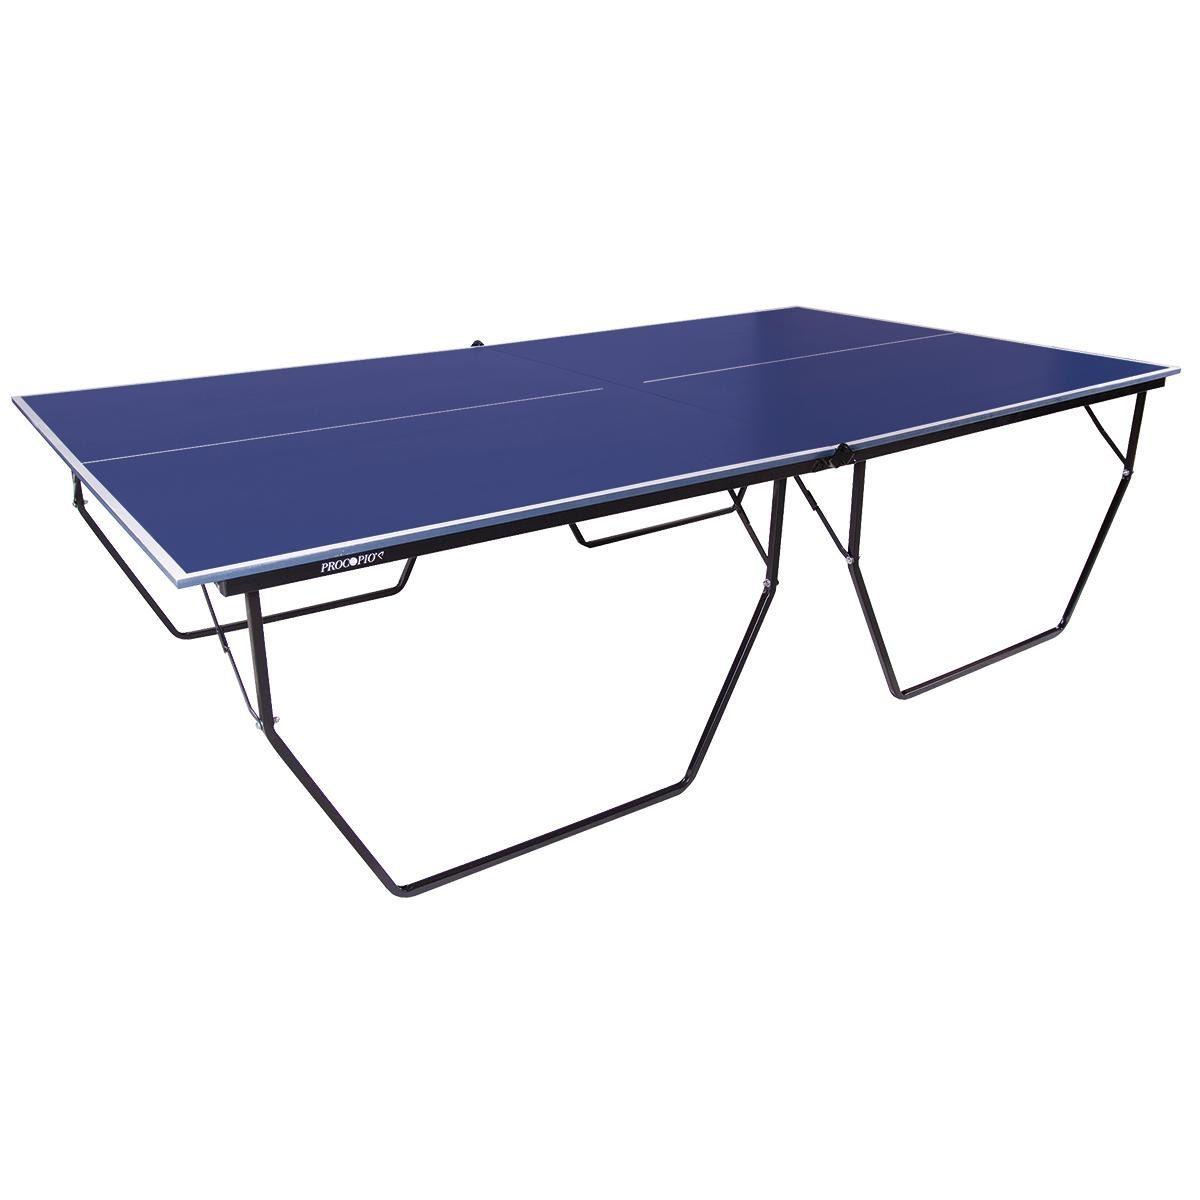 Mesa de Ping Pong / Tênis de Mesa Dobrável Oficial Procópio com Rodas MDP 15mm Rede e Suporte  - REAL ESPORTE